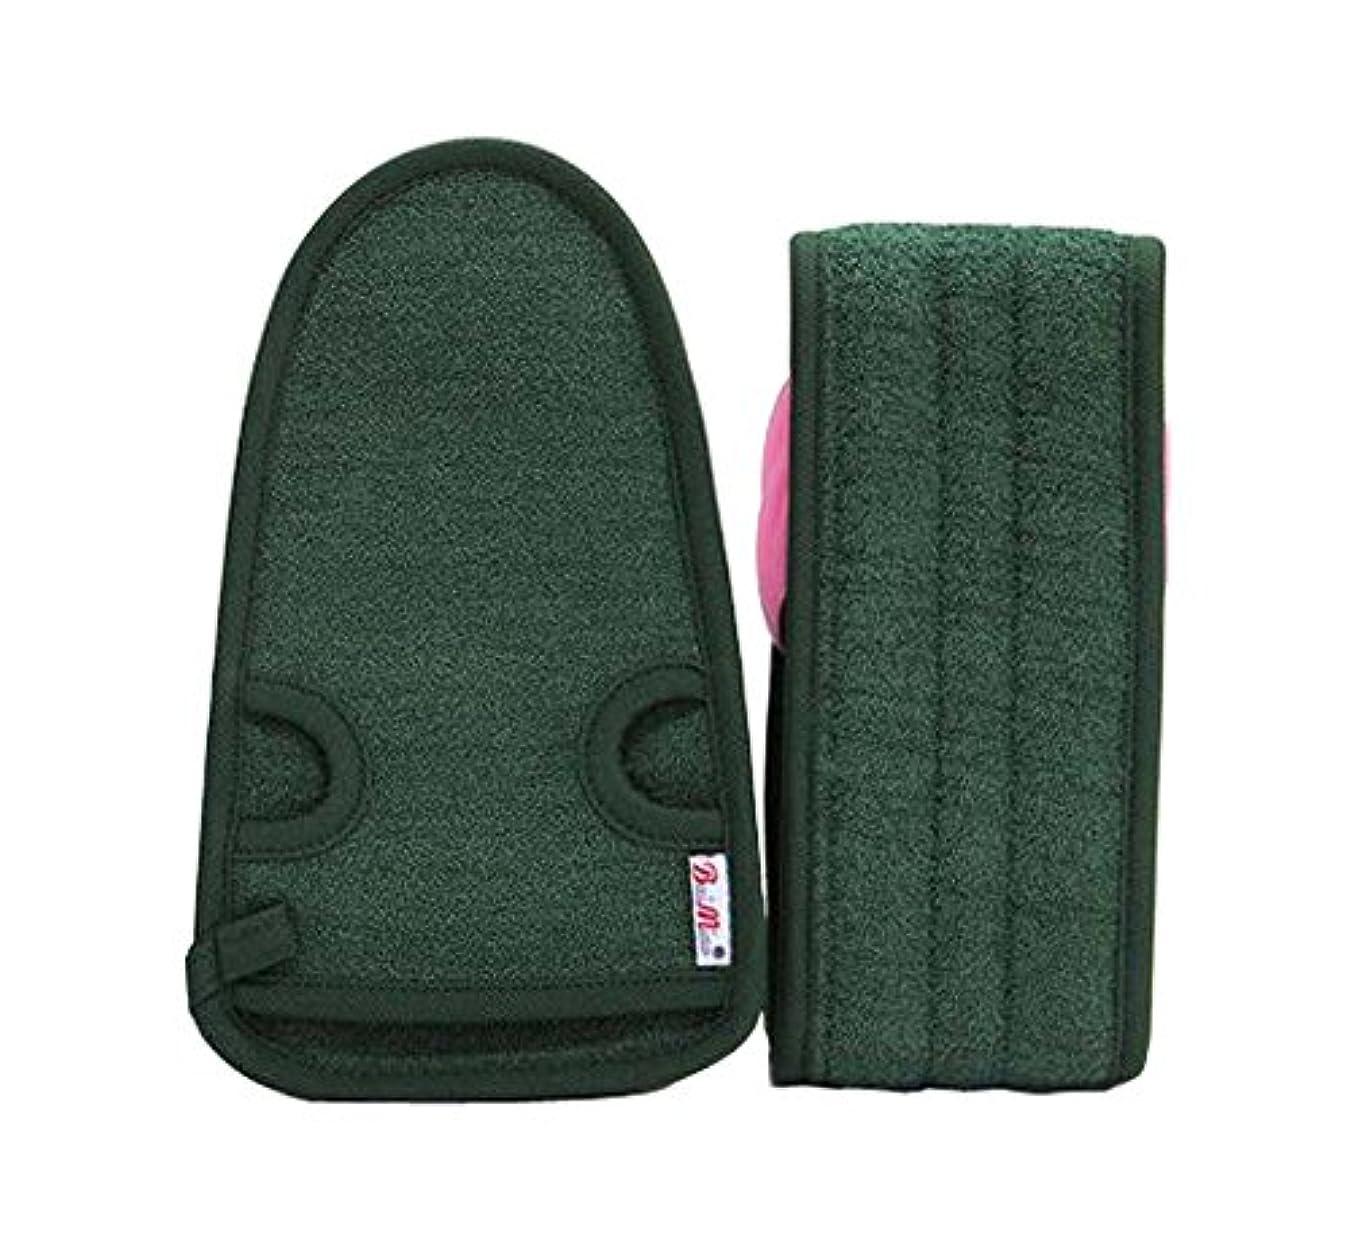 ハブブ救い疲れた男性のための実用的で柔らかいバス手袋の角質除去のバスベルト、アーミーグリーンの2